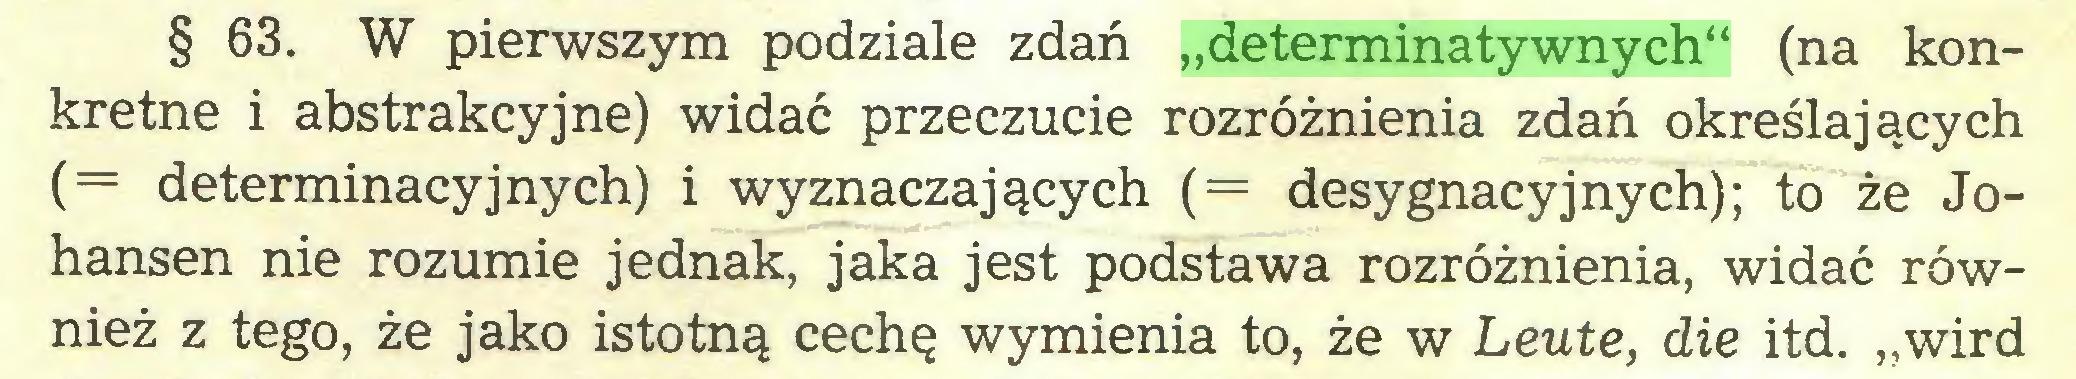 """(...) § 63. W pierwszym podziale zdań """"determinatywnych"""" (na konkretne i abstrakcyjne) widać przeczucie rozróżnienia zdań określających (= determinacyjnych) i wyznaczających (= desygnacyjnych); to że Johansen nie rozumie jednak, jaka jest podstawa rozróżnienia, widać również z tego, że jako istotną cechę wymienia to, że w Leute, die itd. """"wird..."""